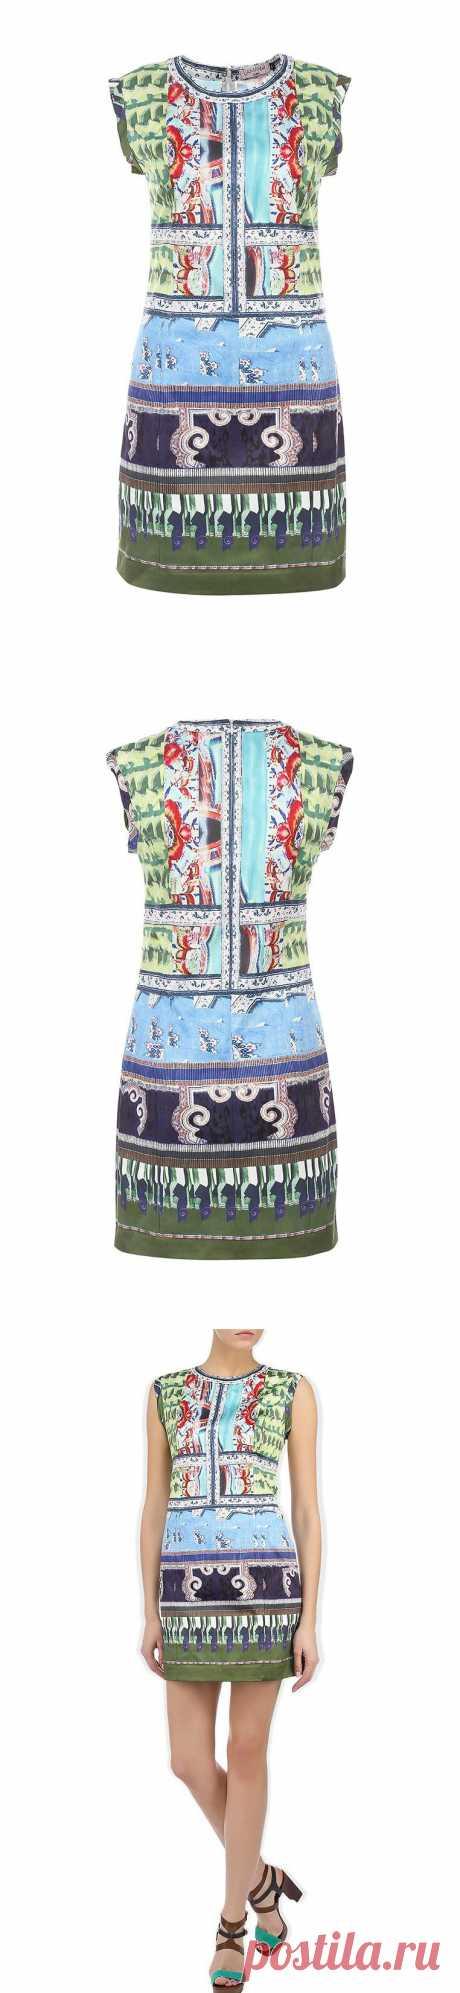 Восхитительное платье Lamania Trend - это выбор сильной и уверенной в себе женщины, желающей подчеркнуть свою индивидуальность и чувство стиля!  Купить со скидкой за 1690 руб.